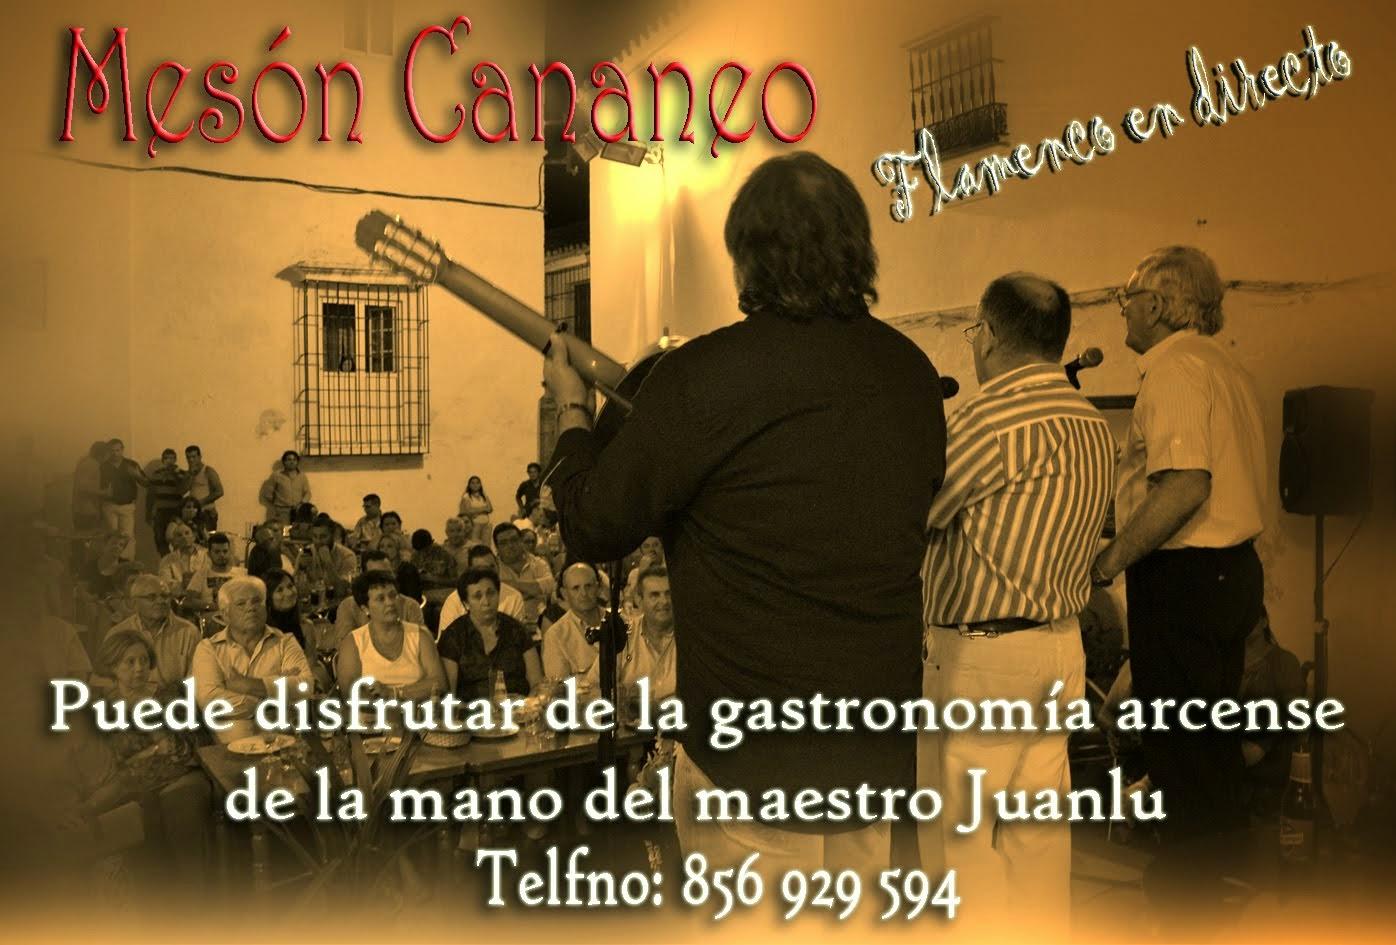 Cananeo